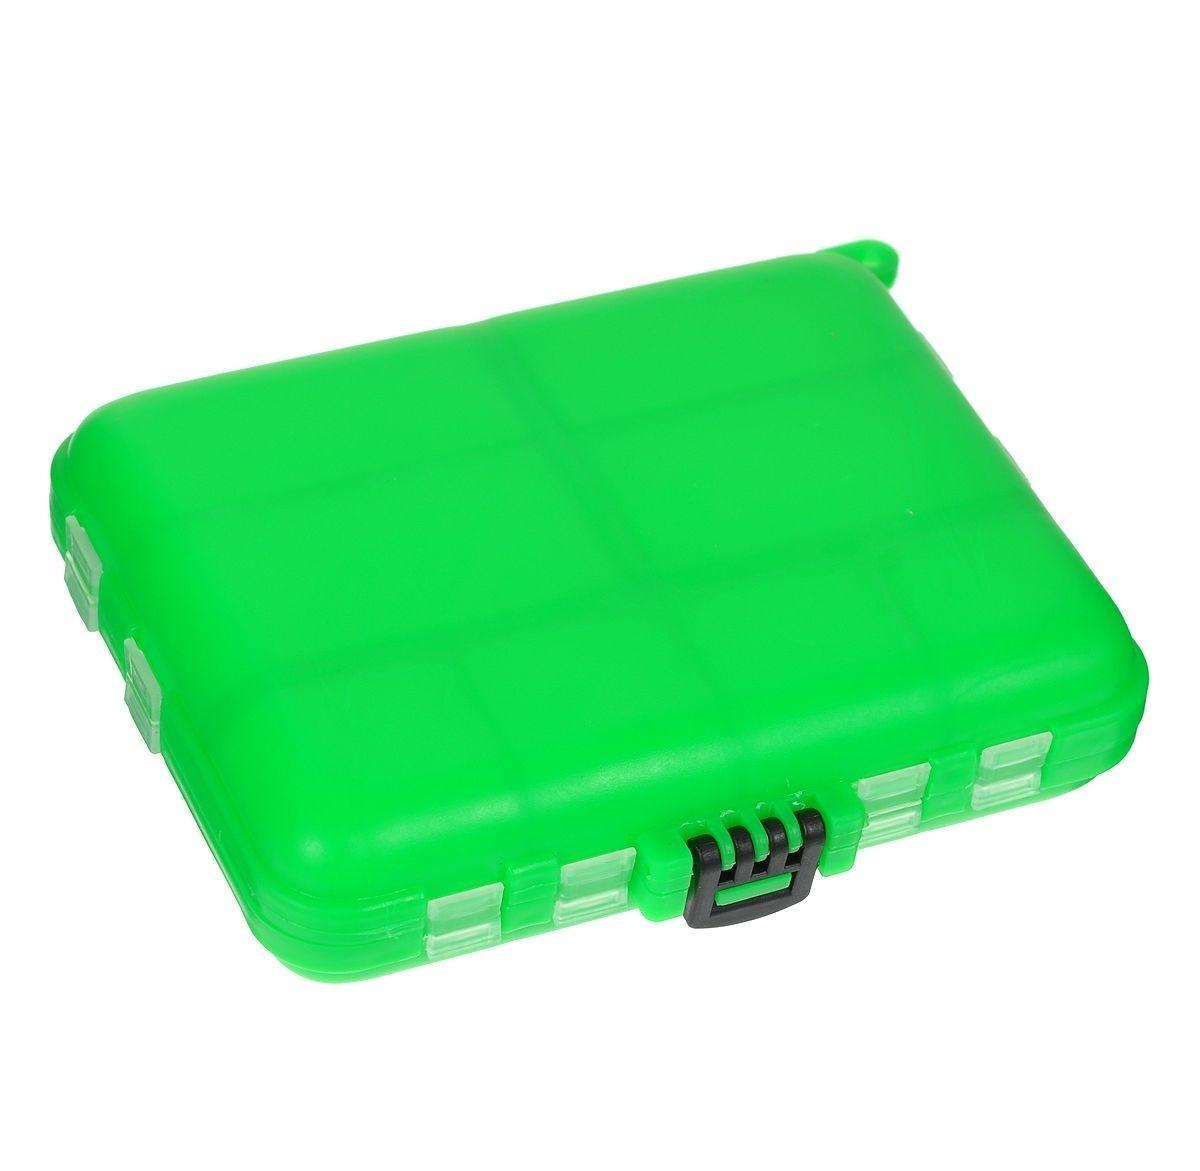 Органайзер для мелочей,, двухсторонний, цвет: зеленый 12 х 10 х 2,5 см8652Удобная пластиковая коробка Три китапрекрасно подойдет для хранения и транспортировки различных мелочей. Коробка имеет 16 фиксированных отделений. Удобный и надежный замок-защелка обеспечивает надежное закрывание коробки. Такая коробка поможет держать вещи в порядке.